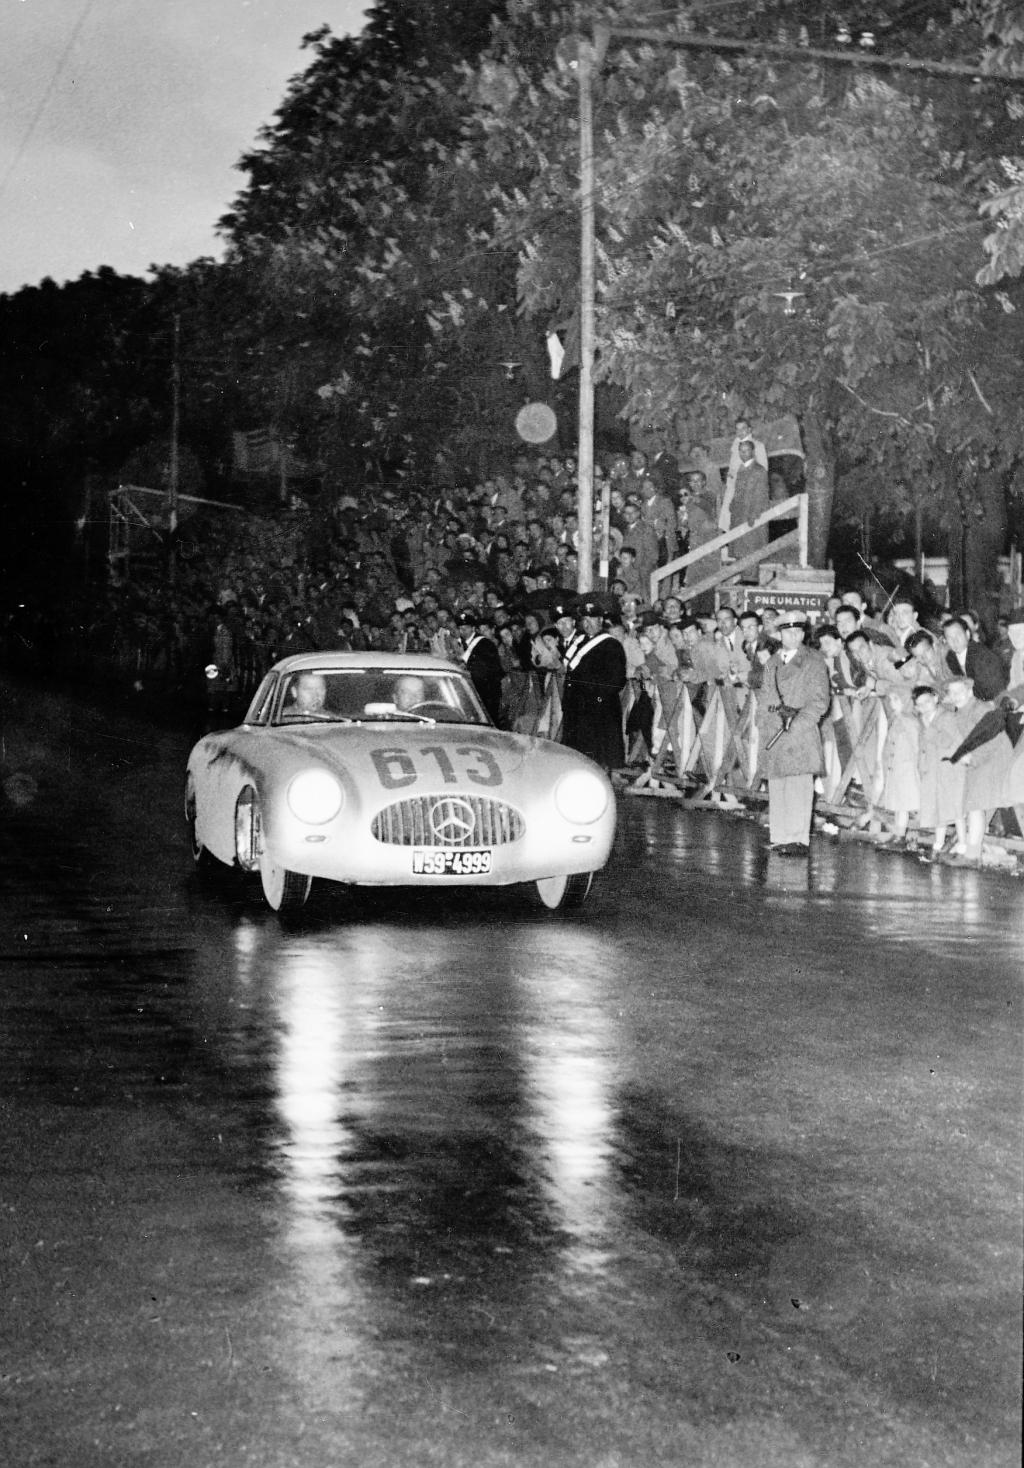 Mille Miglia, 3. bis 4. Mai 1952. Das Fahrerteam Rudolf Caracciola / Paul Kurrle (Startnummer 613) mit Rennsportwagen Mercedes-Benz Typ 300 SL (W 194, 1952) belegen den 4. Platz.